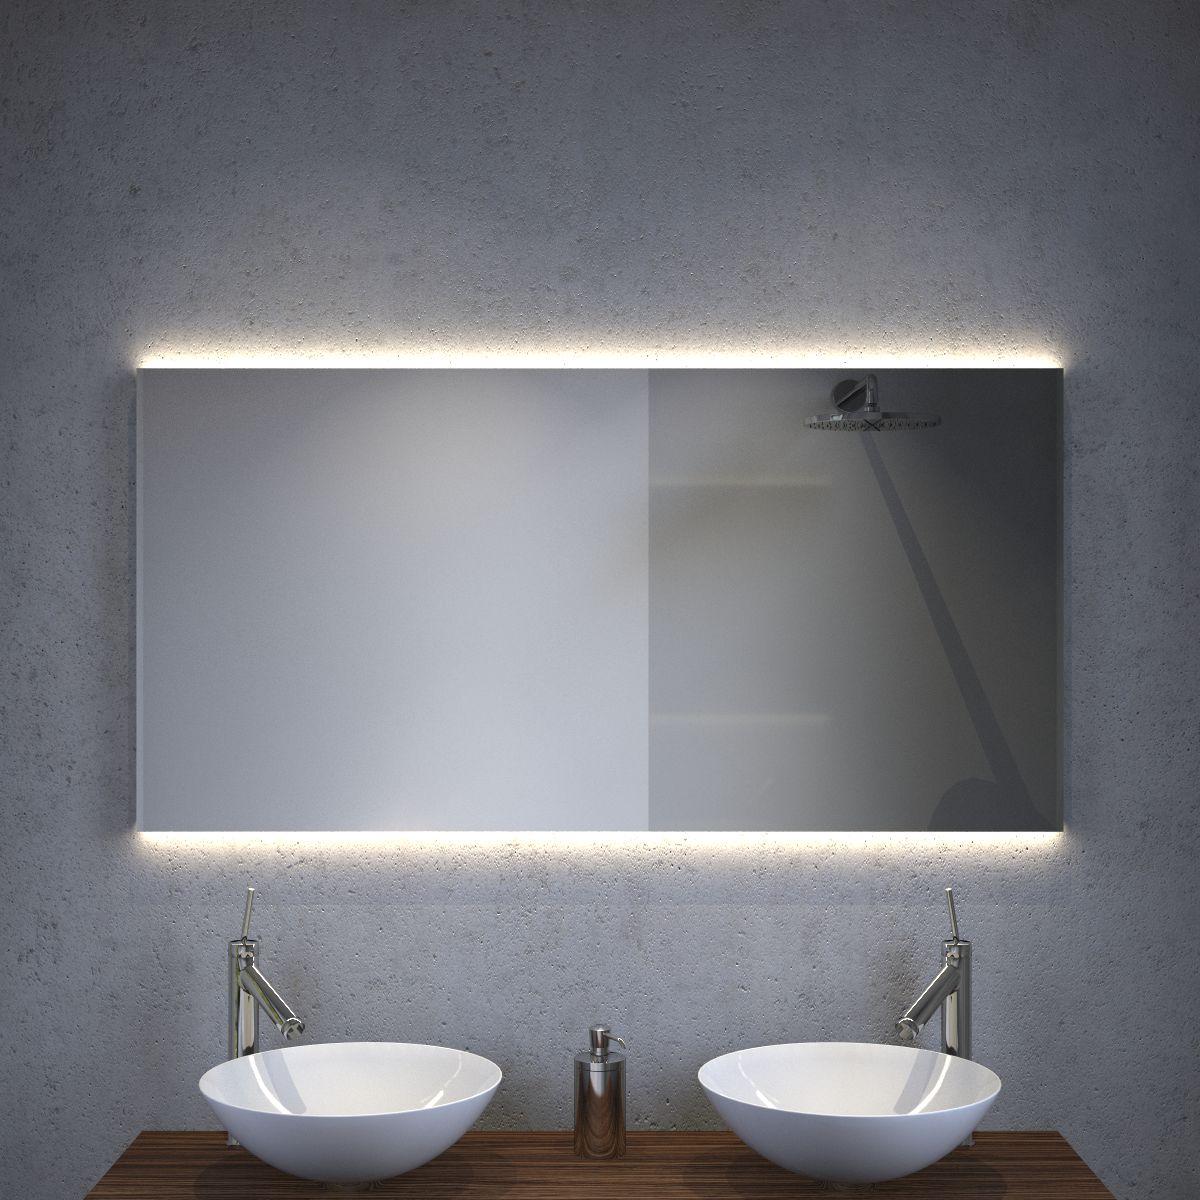 design badkamer spiegel met strijklicht en spiegelverwarming 120x60 cm designspiegels. Black Bedroom Furniture Sets. Home Design Ideas